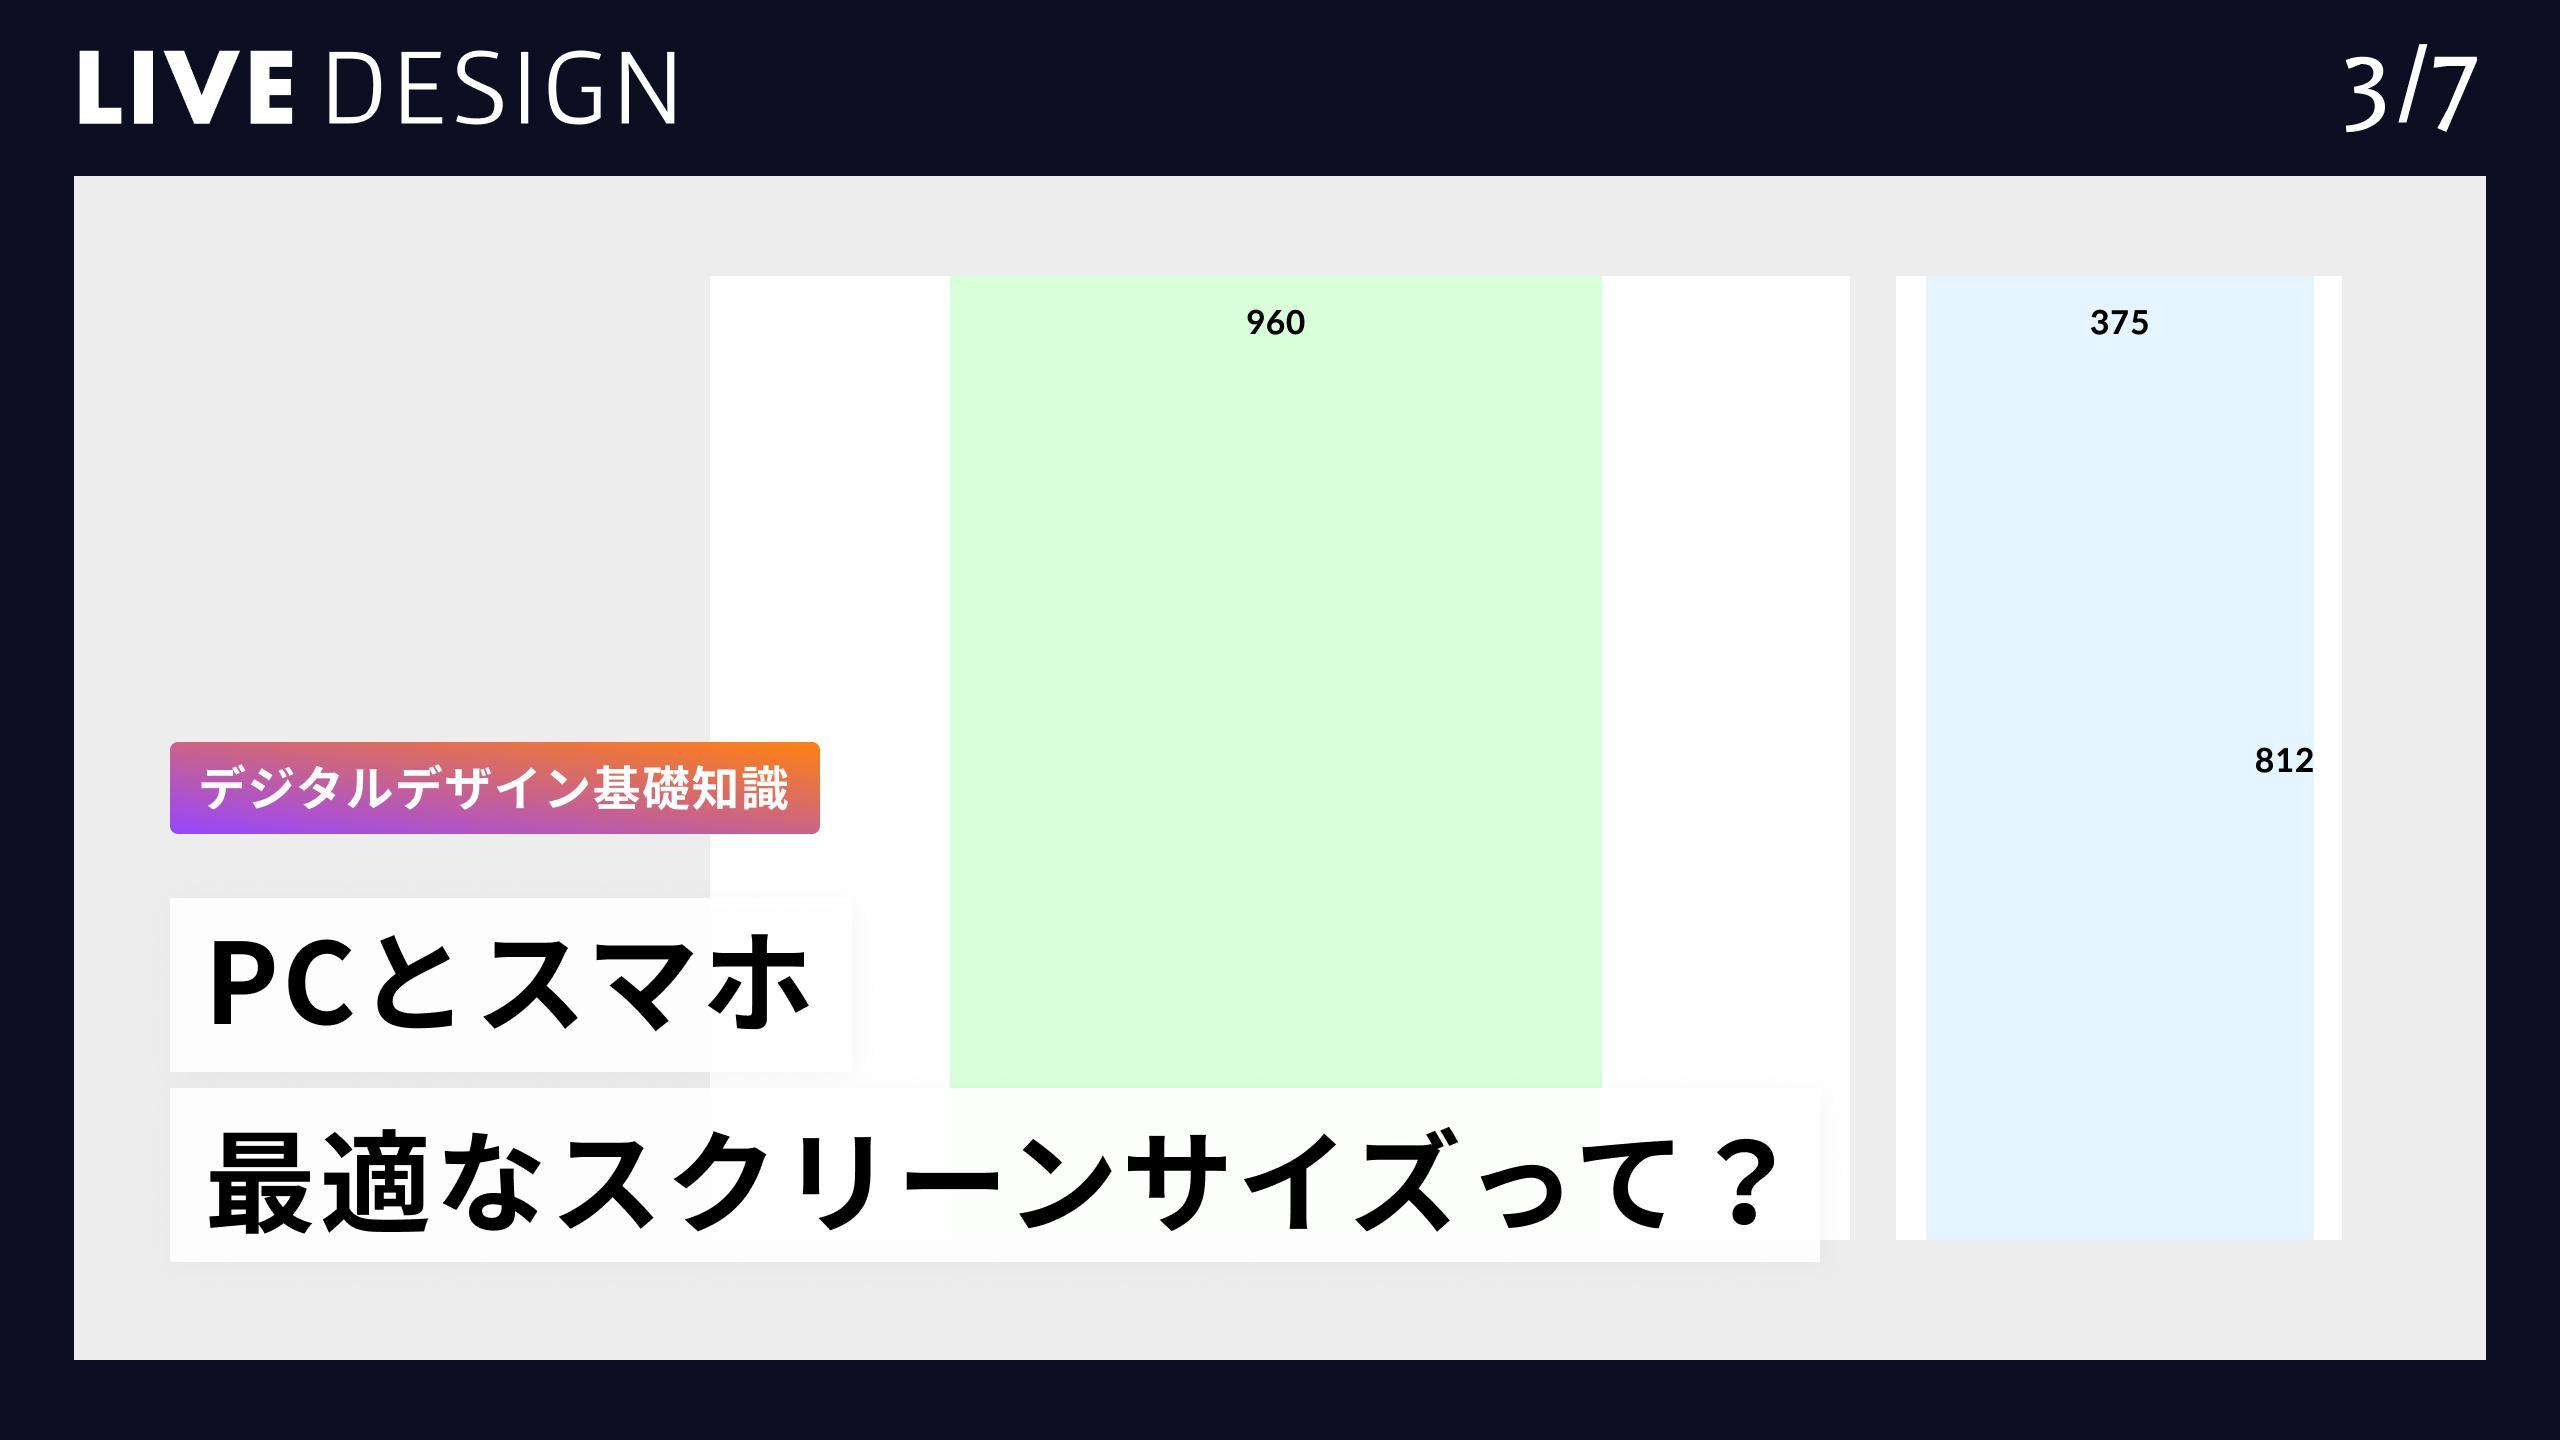 【ライブデザイン】PCとスマホ、どのスクリーンサイズでデザインするのが正解?